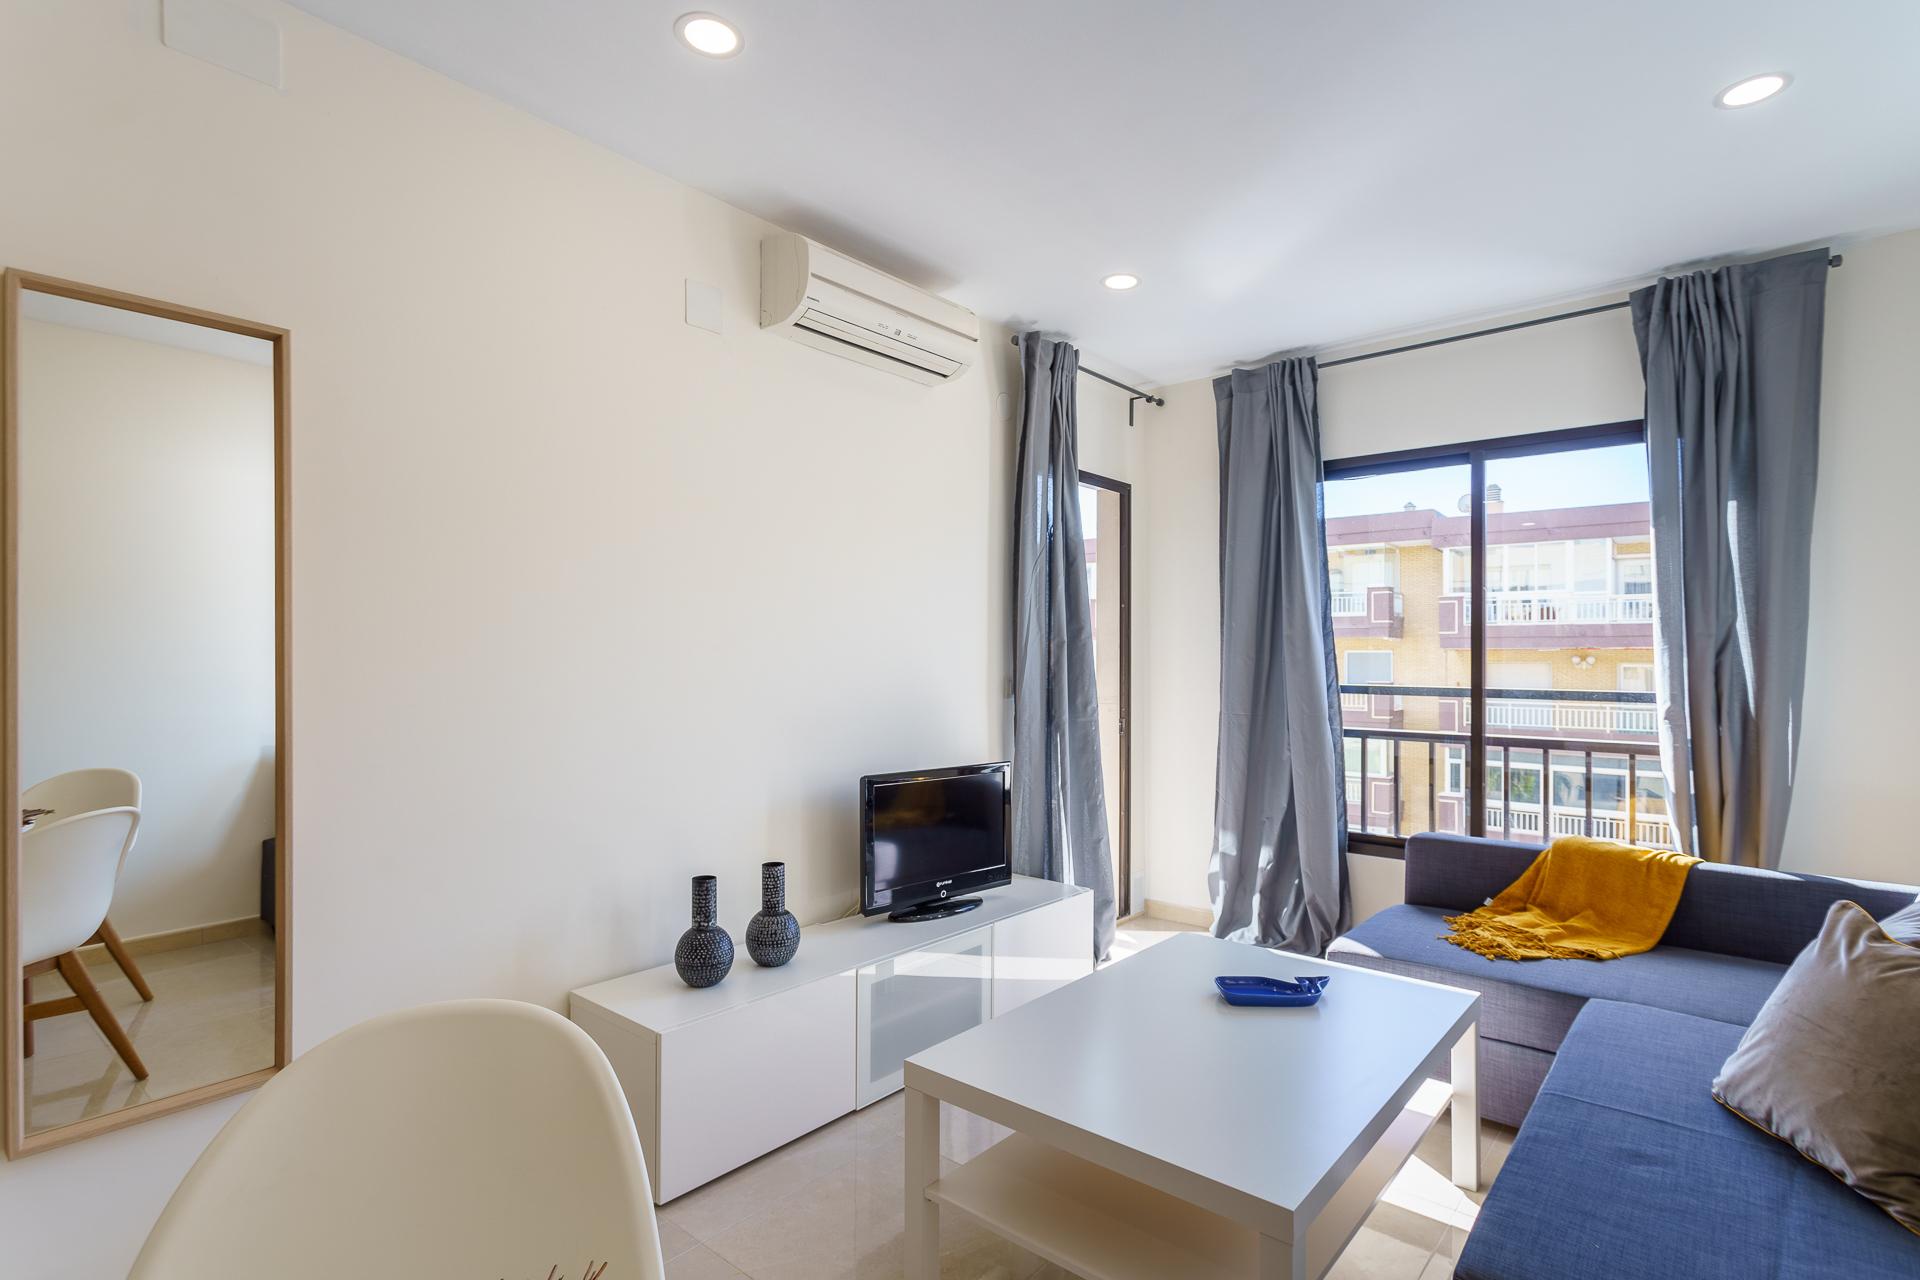 MalagaSuite Cozy Apartment in Fuengirola photo 20507066